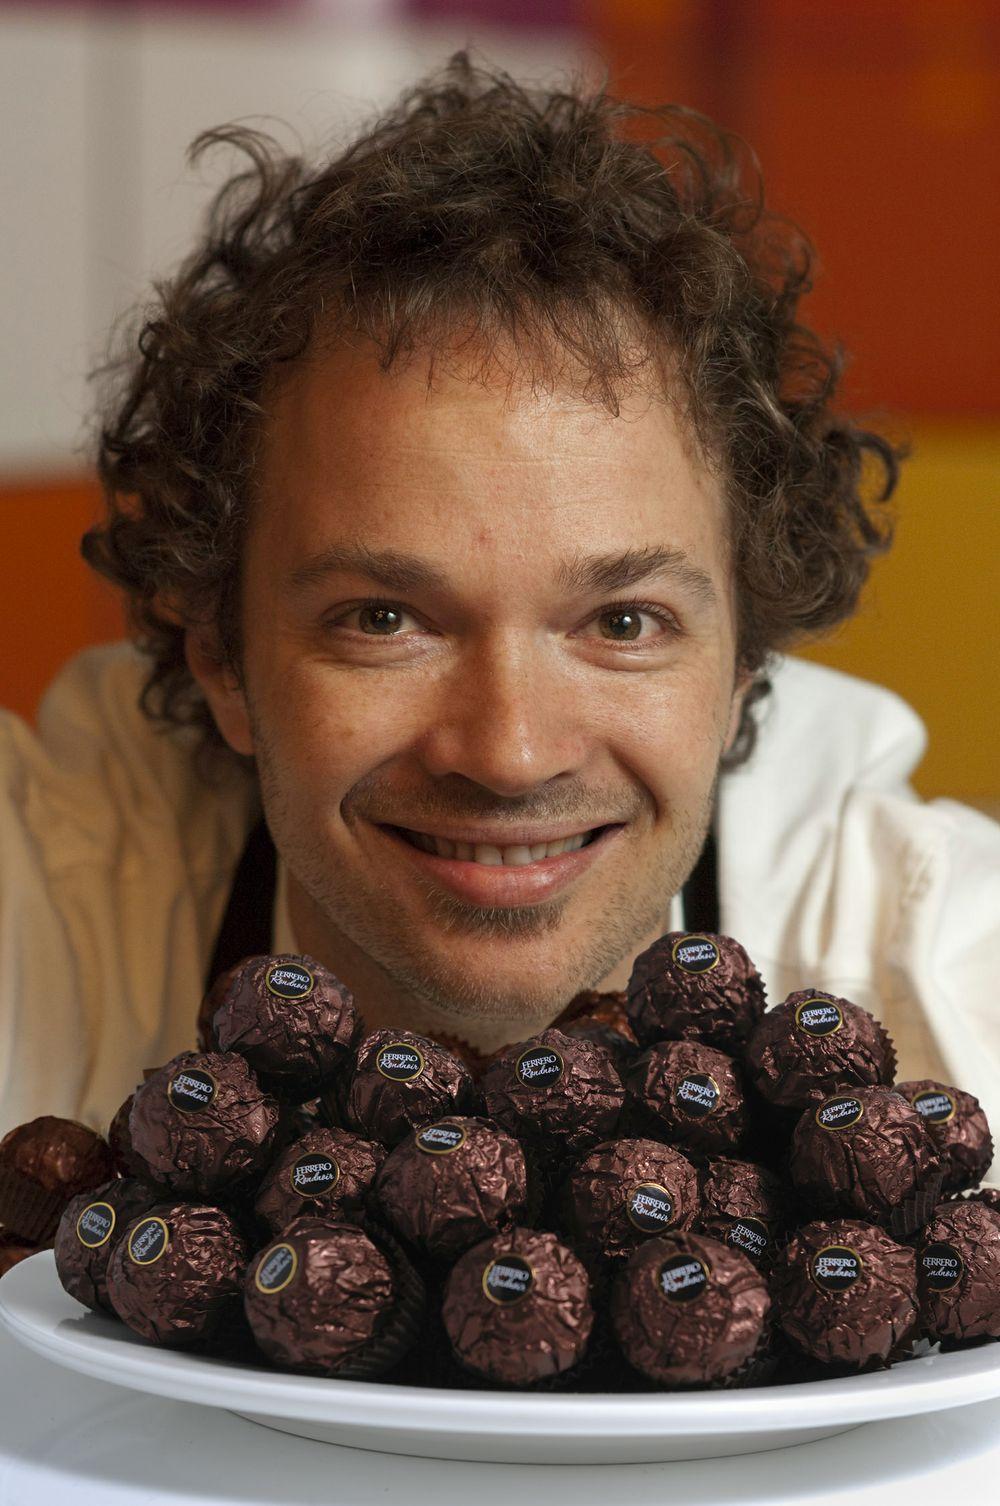 Ferrero Rondnoir Tobie Puttock